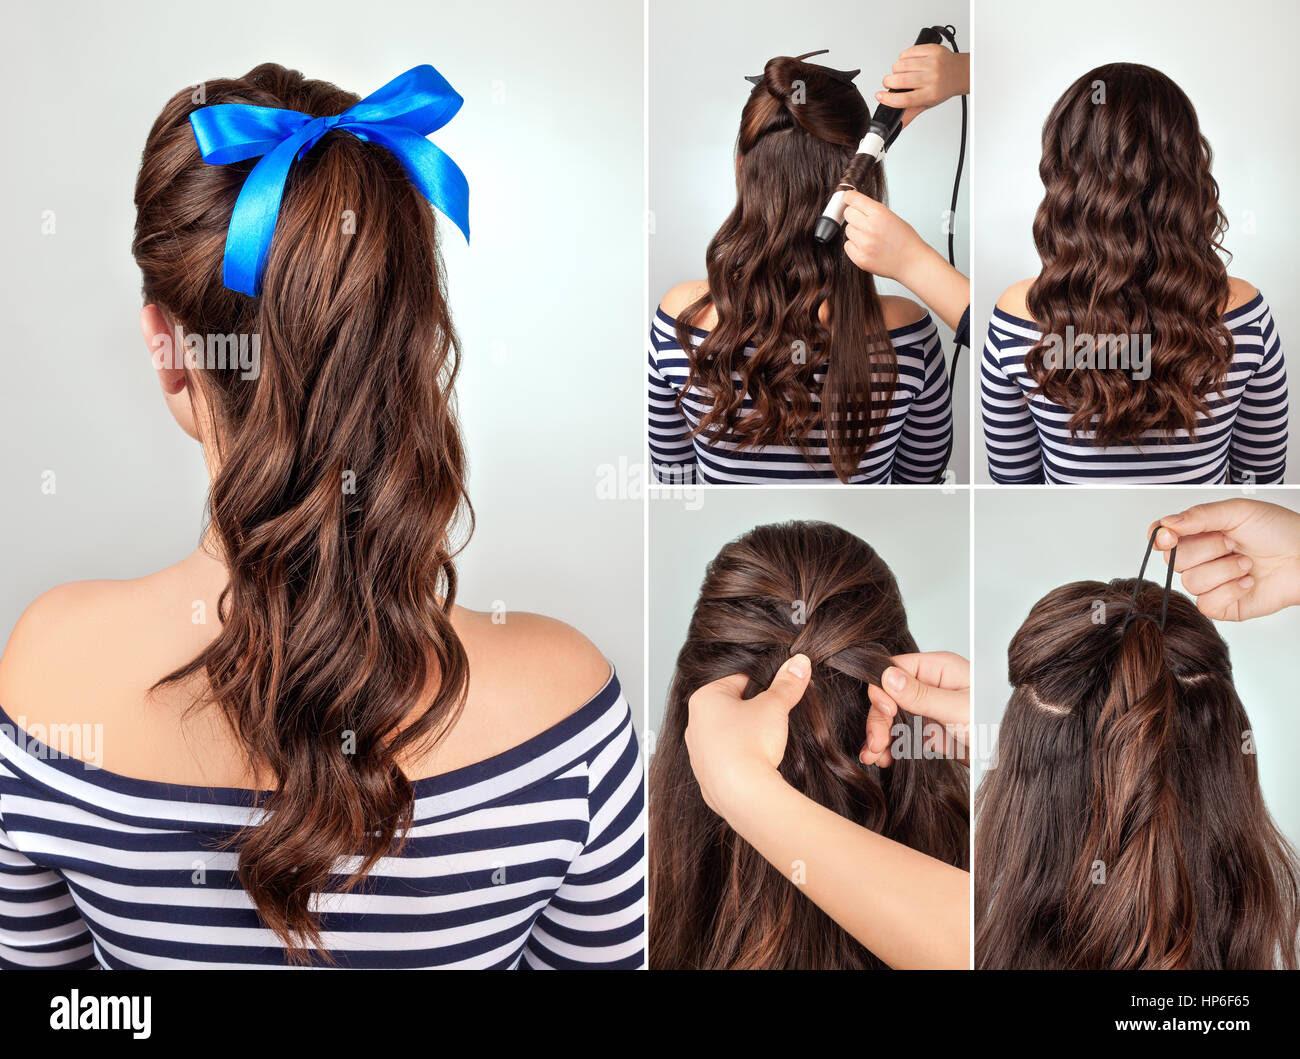 Einfache Frisur Pferdeschwanz Auf Lockiges Haar Tutorial Frisur Für